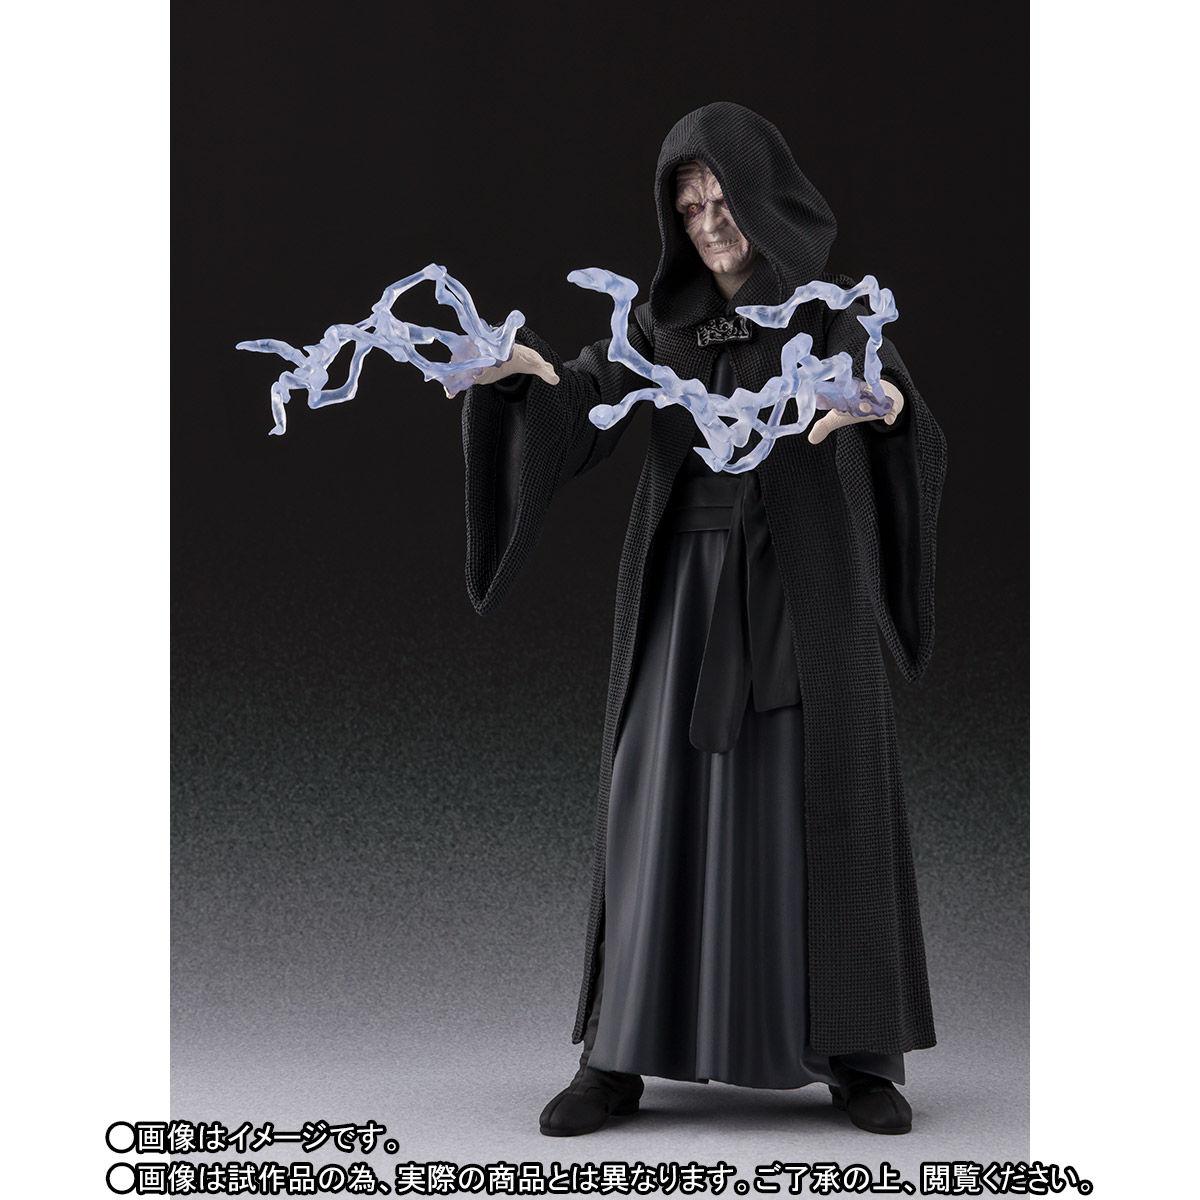 【限定販売】S.H.Figuarts『パルパティーン皇帝 -Death Star II Throne Room Set-(STAR WARS:Return of the Jedi)』可動フィギュア-007